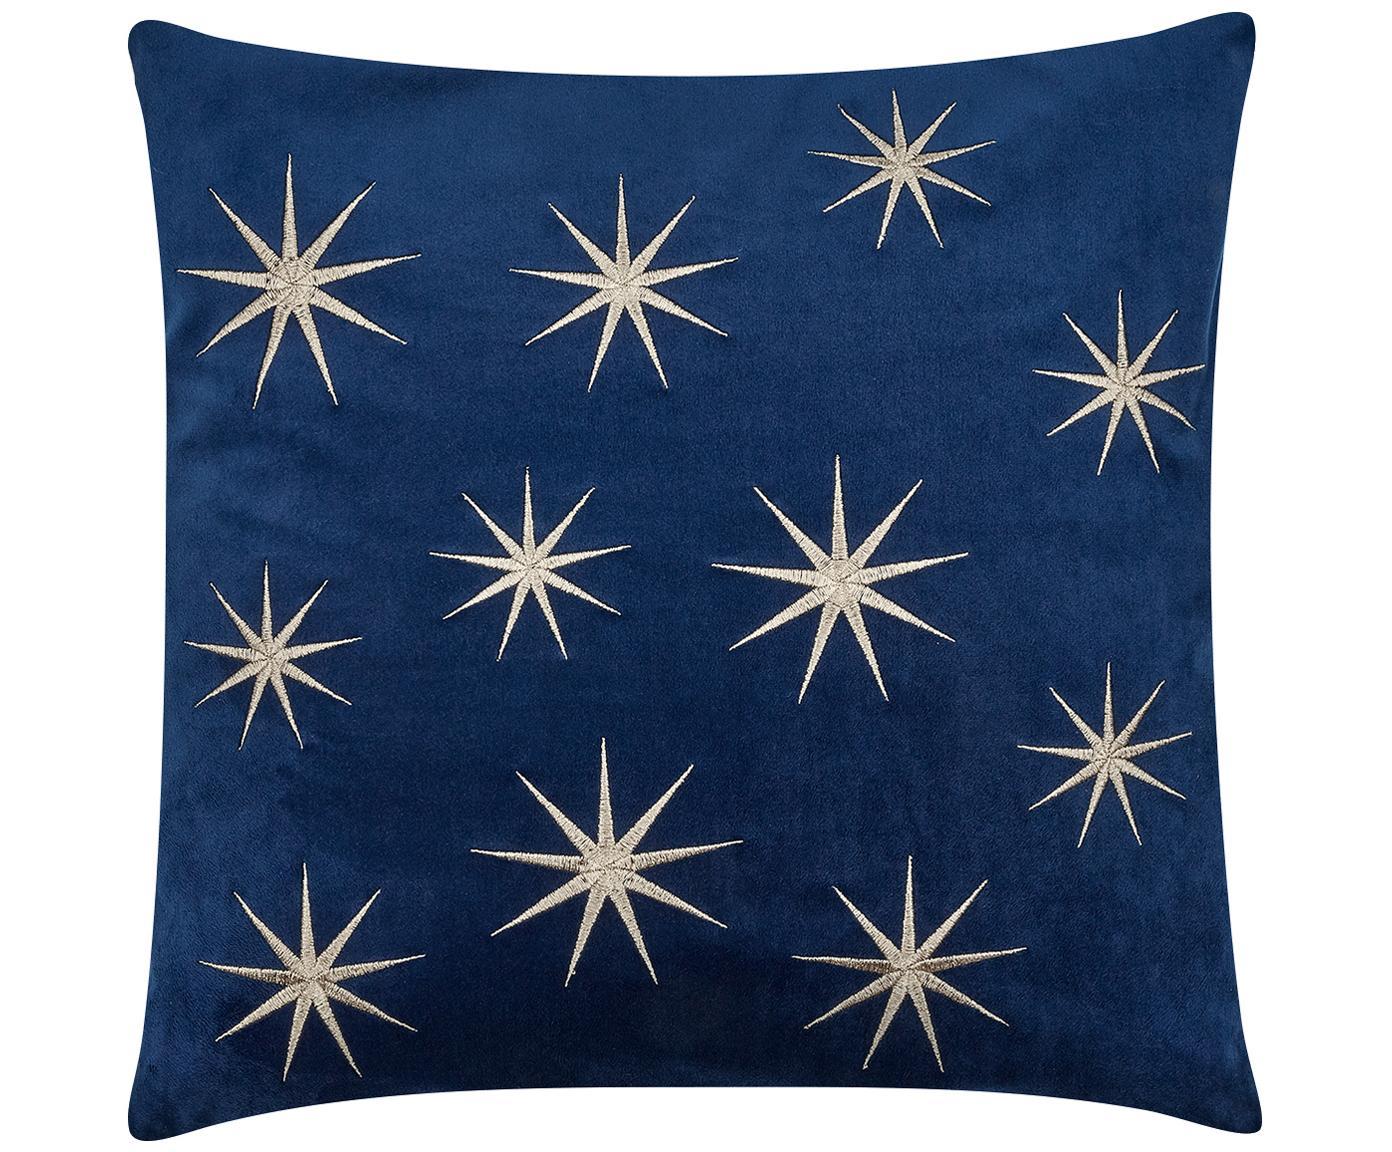 Bestickte Samt-Kissenhülle Stars mit winterlichen Sternenmotiven, Navyblau, 45 x 45 cm